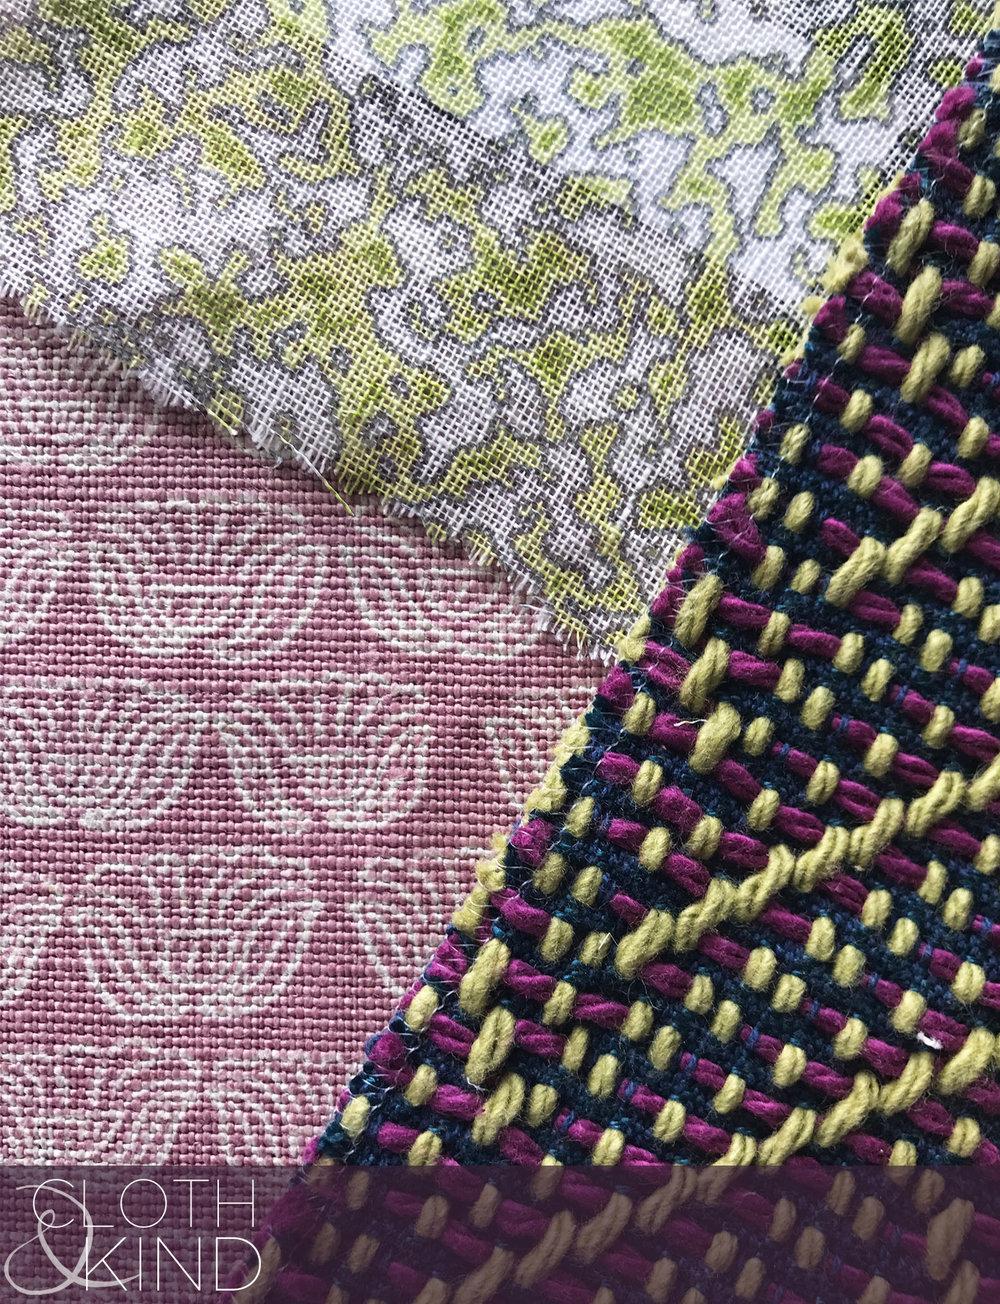 CLOTH & KIND Interiors // No. 56